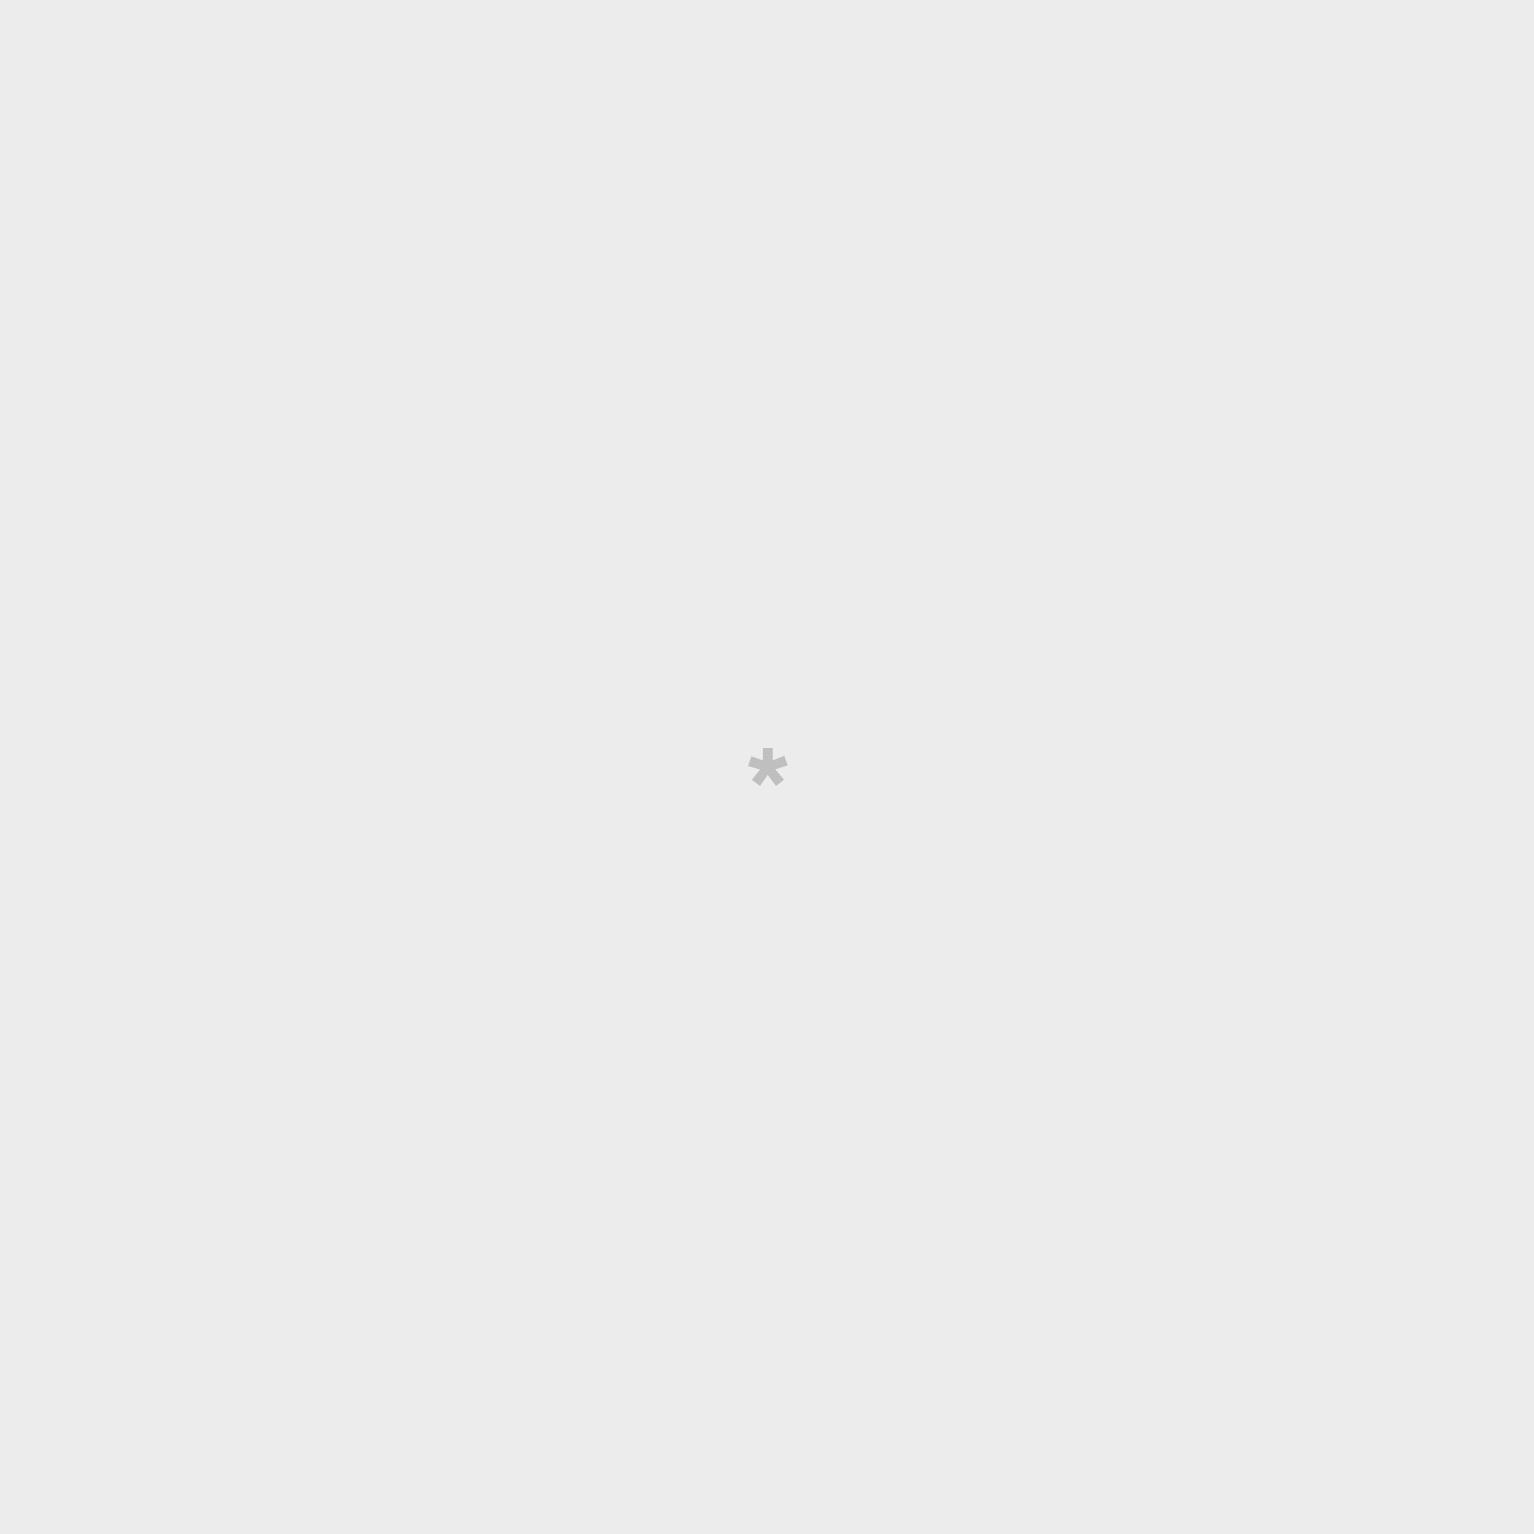 Scatola con album di foto - Momenti che sono solo nostri